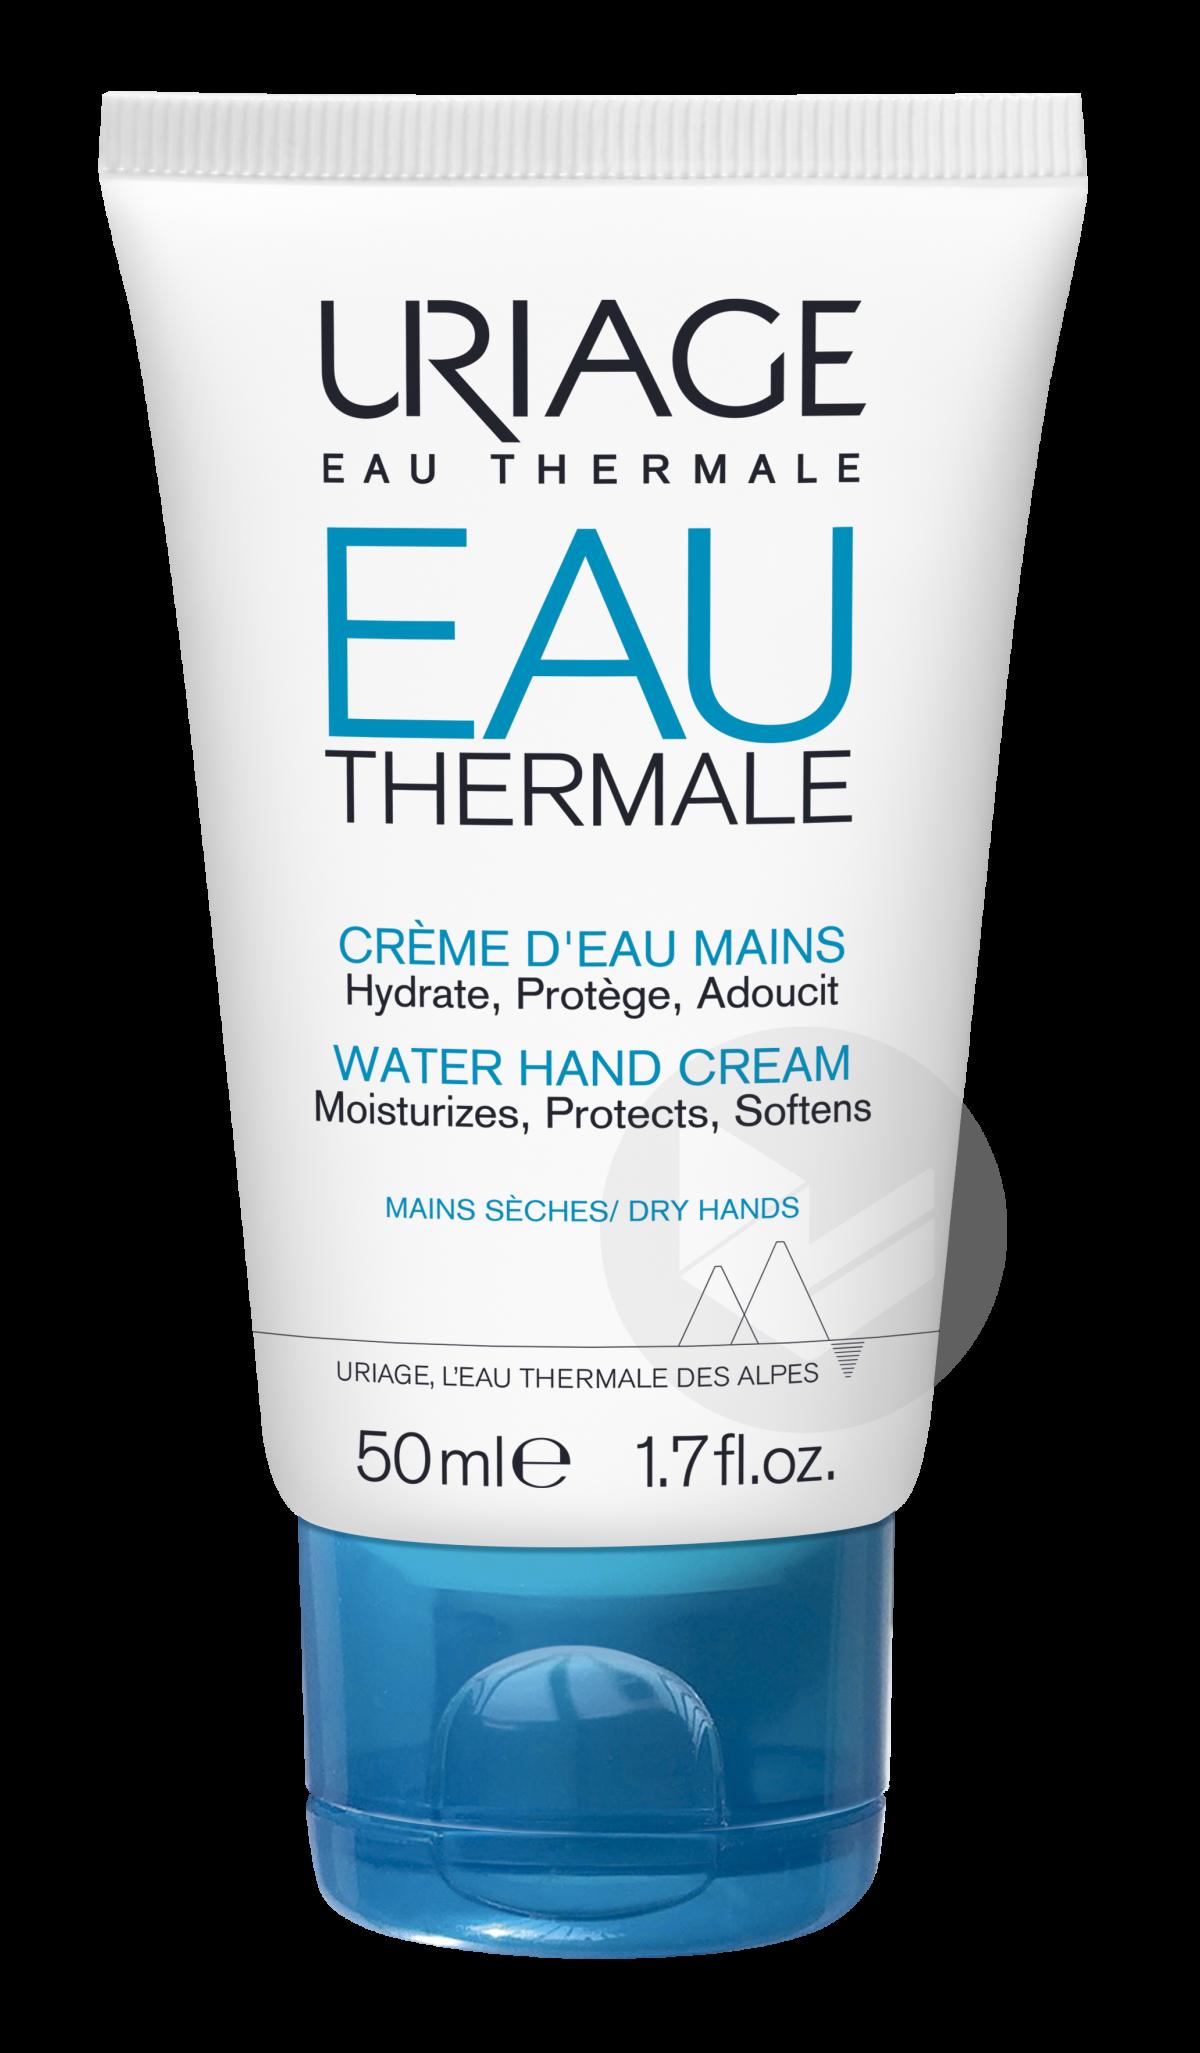 EAU THERMALE Crème d'eau mains 50ml